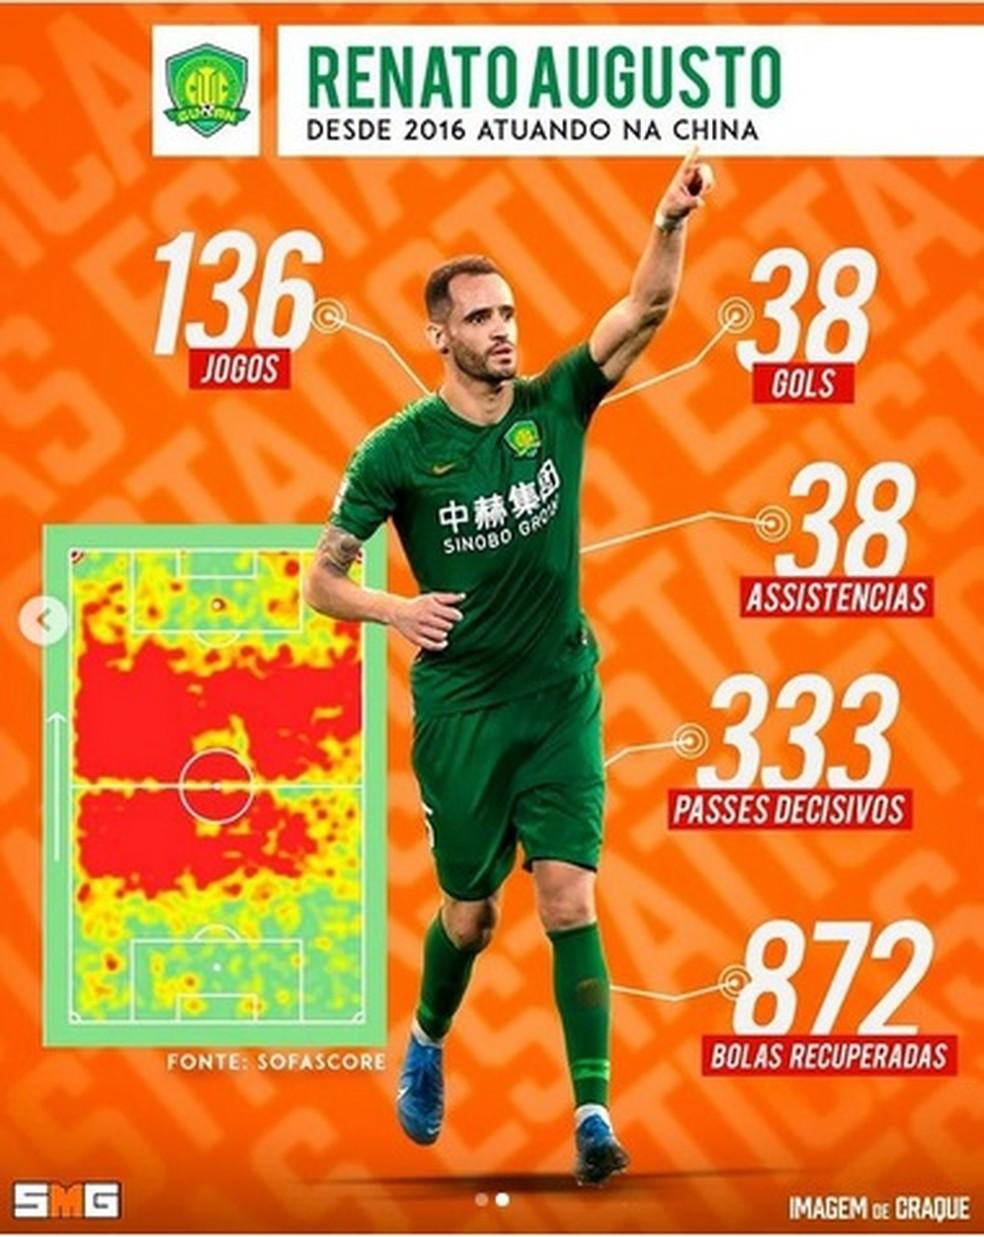 Números de Renato Augusto, reforço do Corinthians, na China — Foto: Divulgação